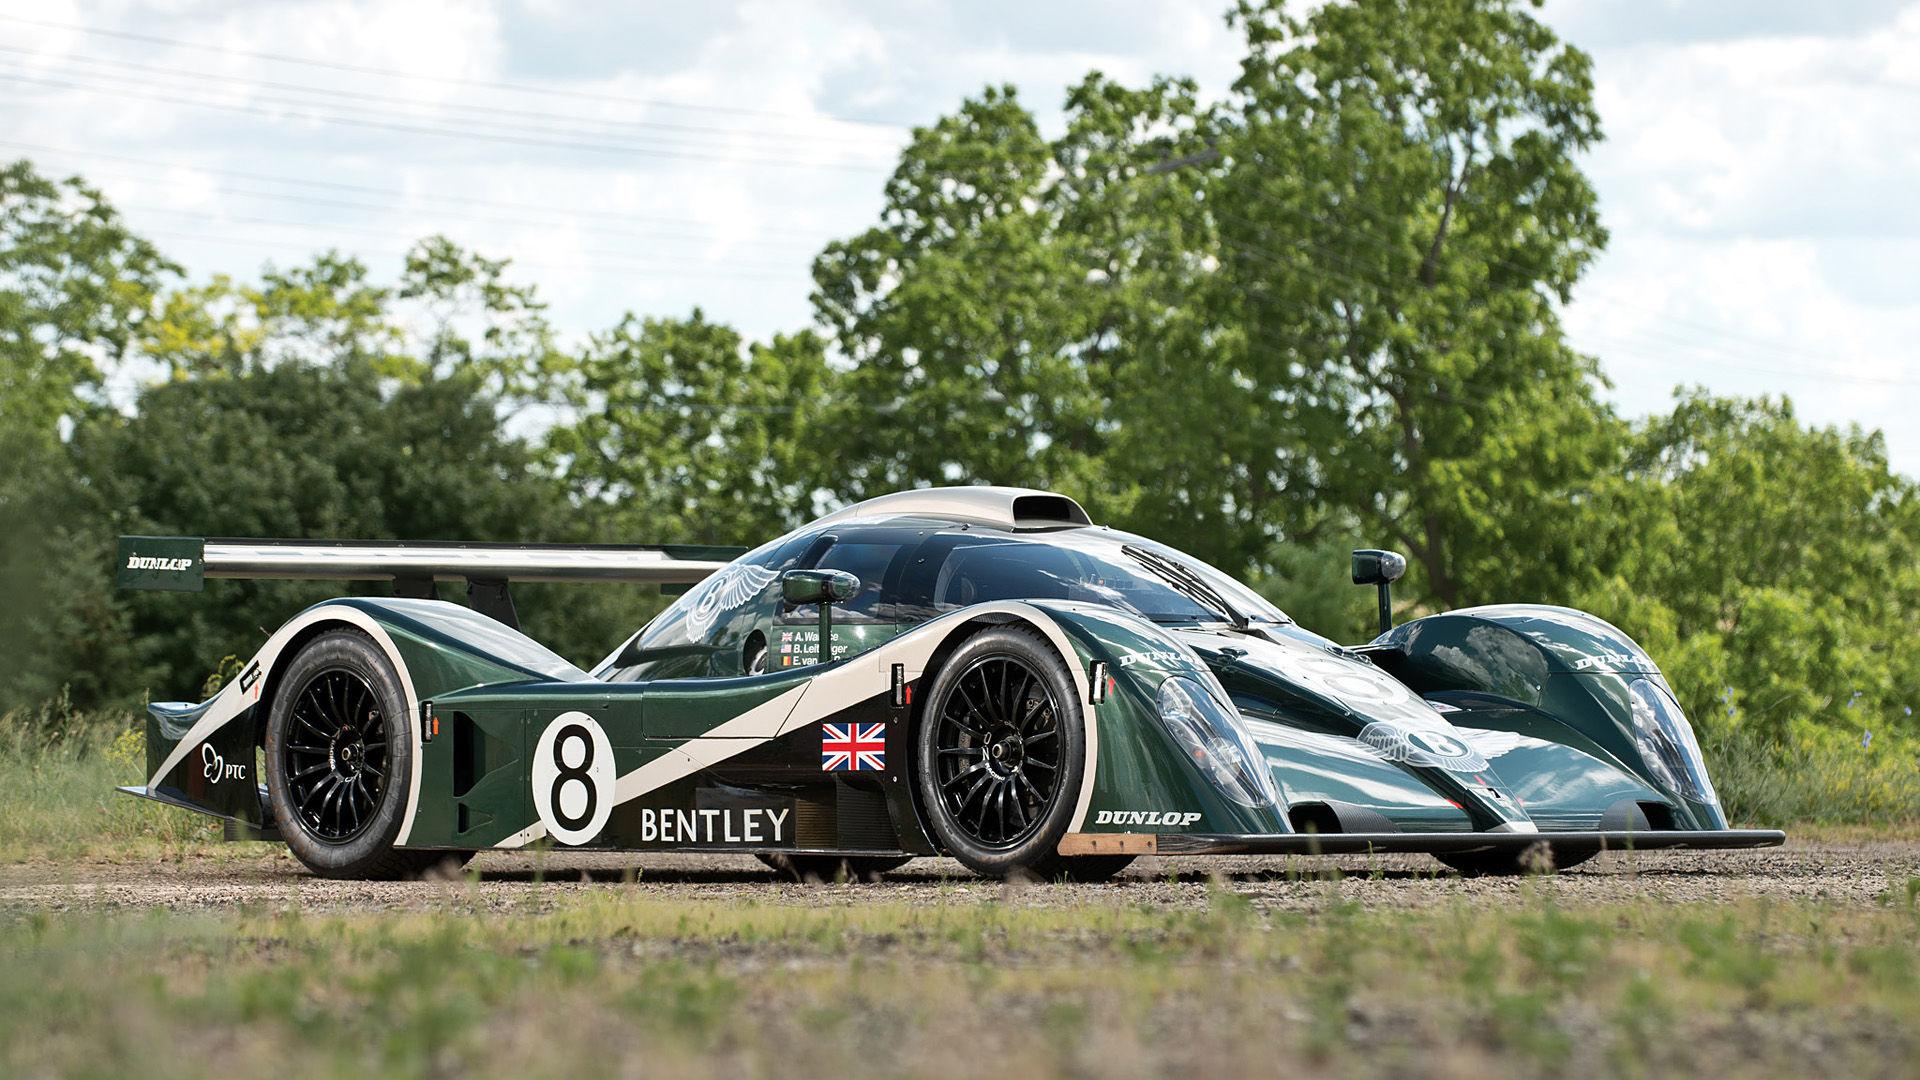 2002 Bentley EXP Speed 8